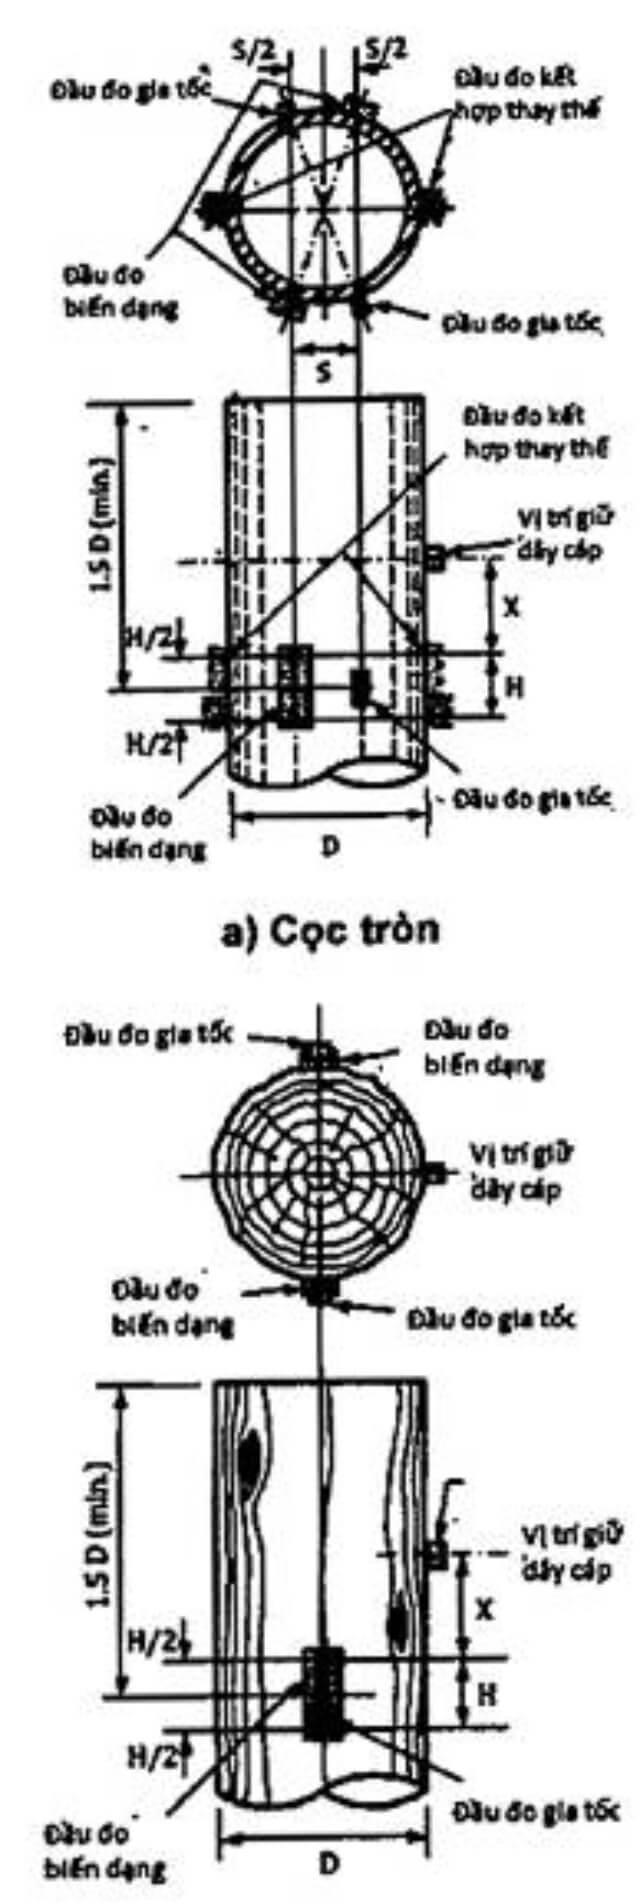 tiêu chuẩn thí nghiệm pda